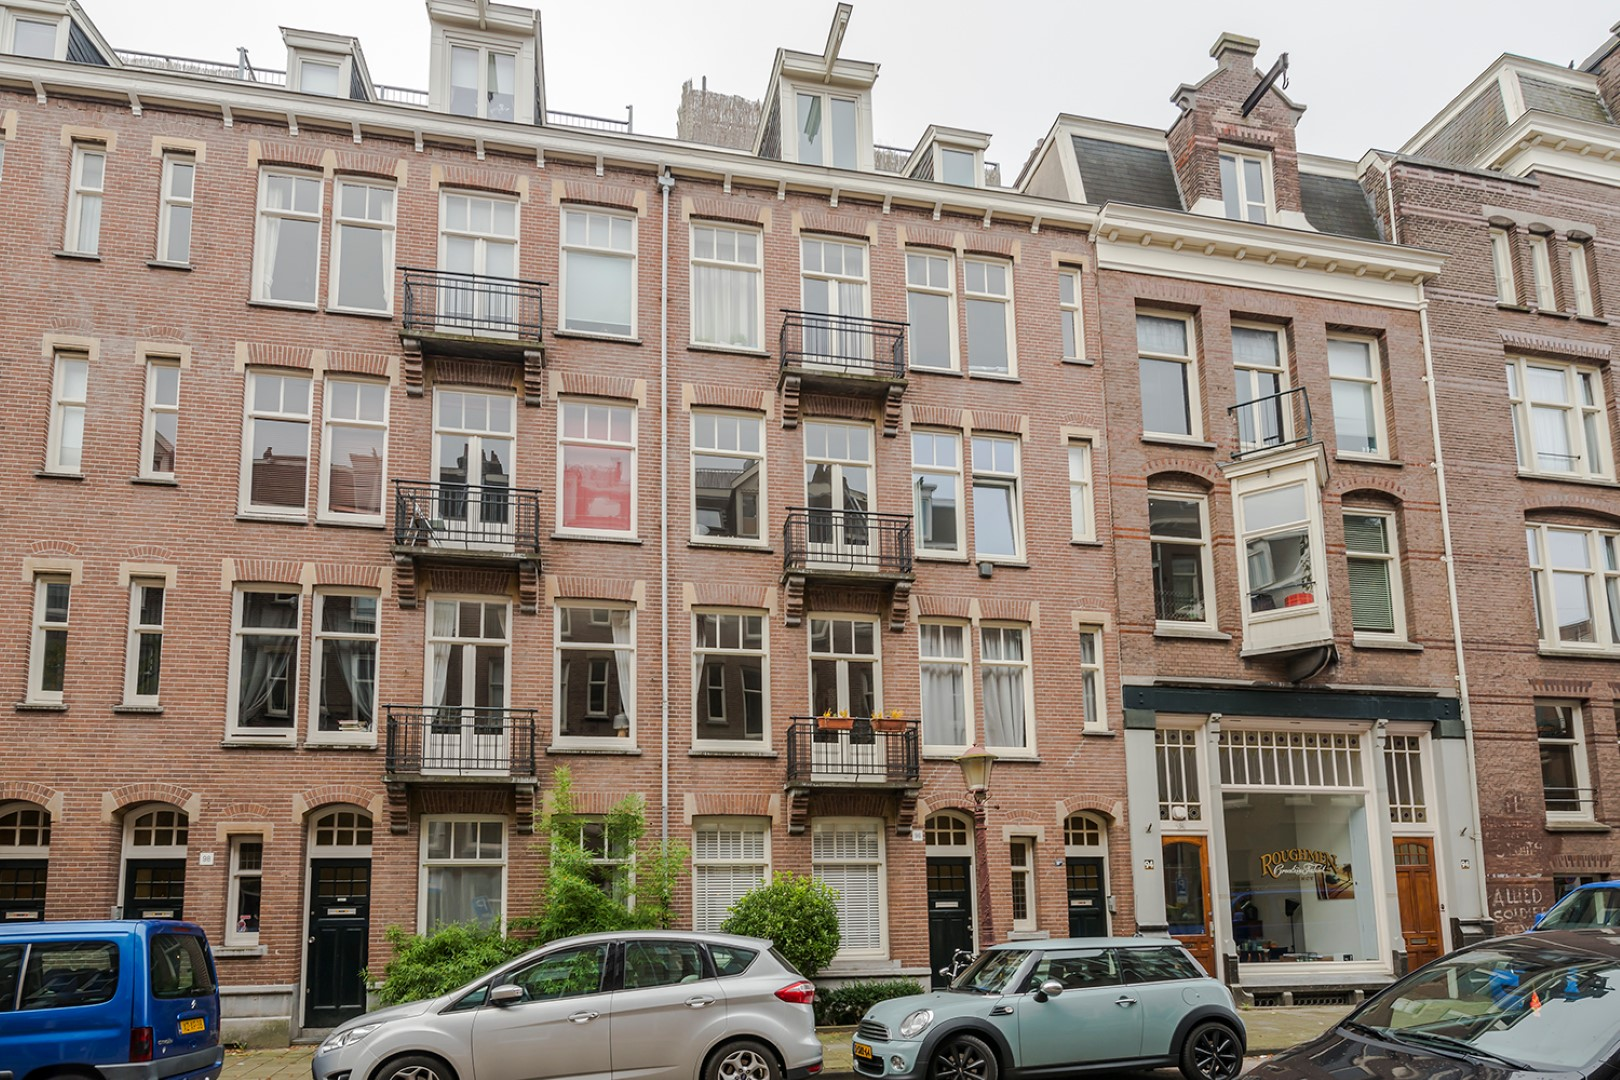 Pieter Aertszstraat 96 II 1074 VS, Amsterdam, Noord-Holland Netherlands, 1 Slaapkamer Slaapkamers, ,1 BadkamerBadkamers,Appartement,Huur,Pieter Aertszstraat ,2,1546